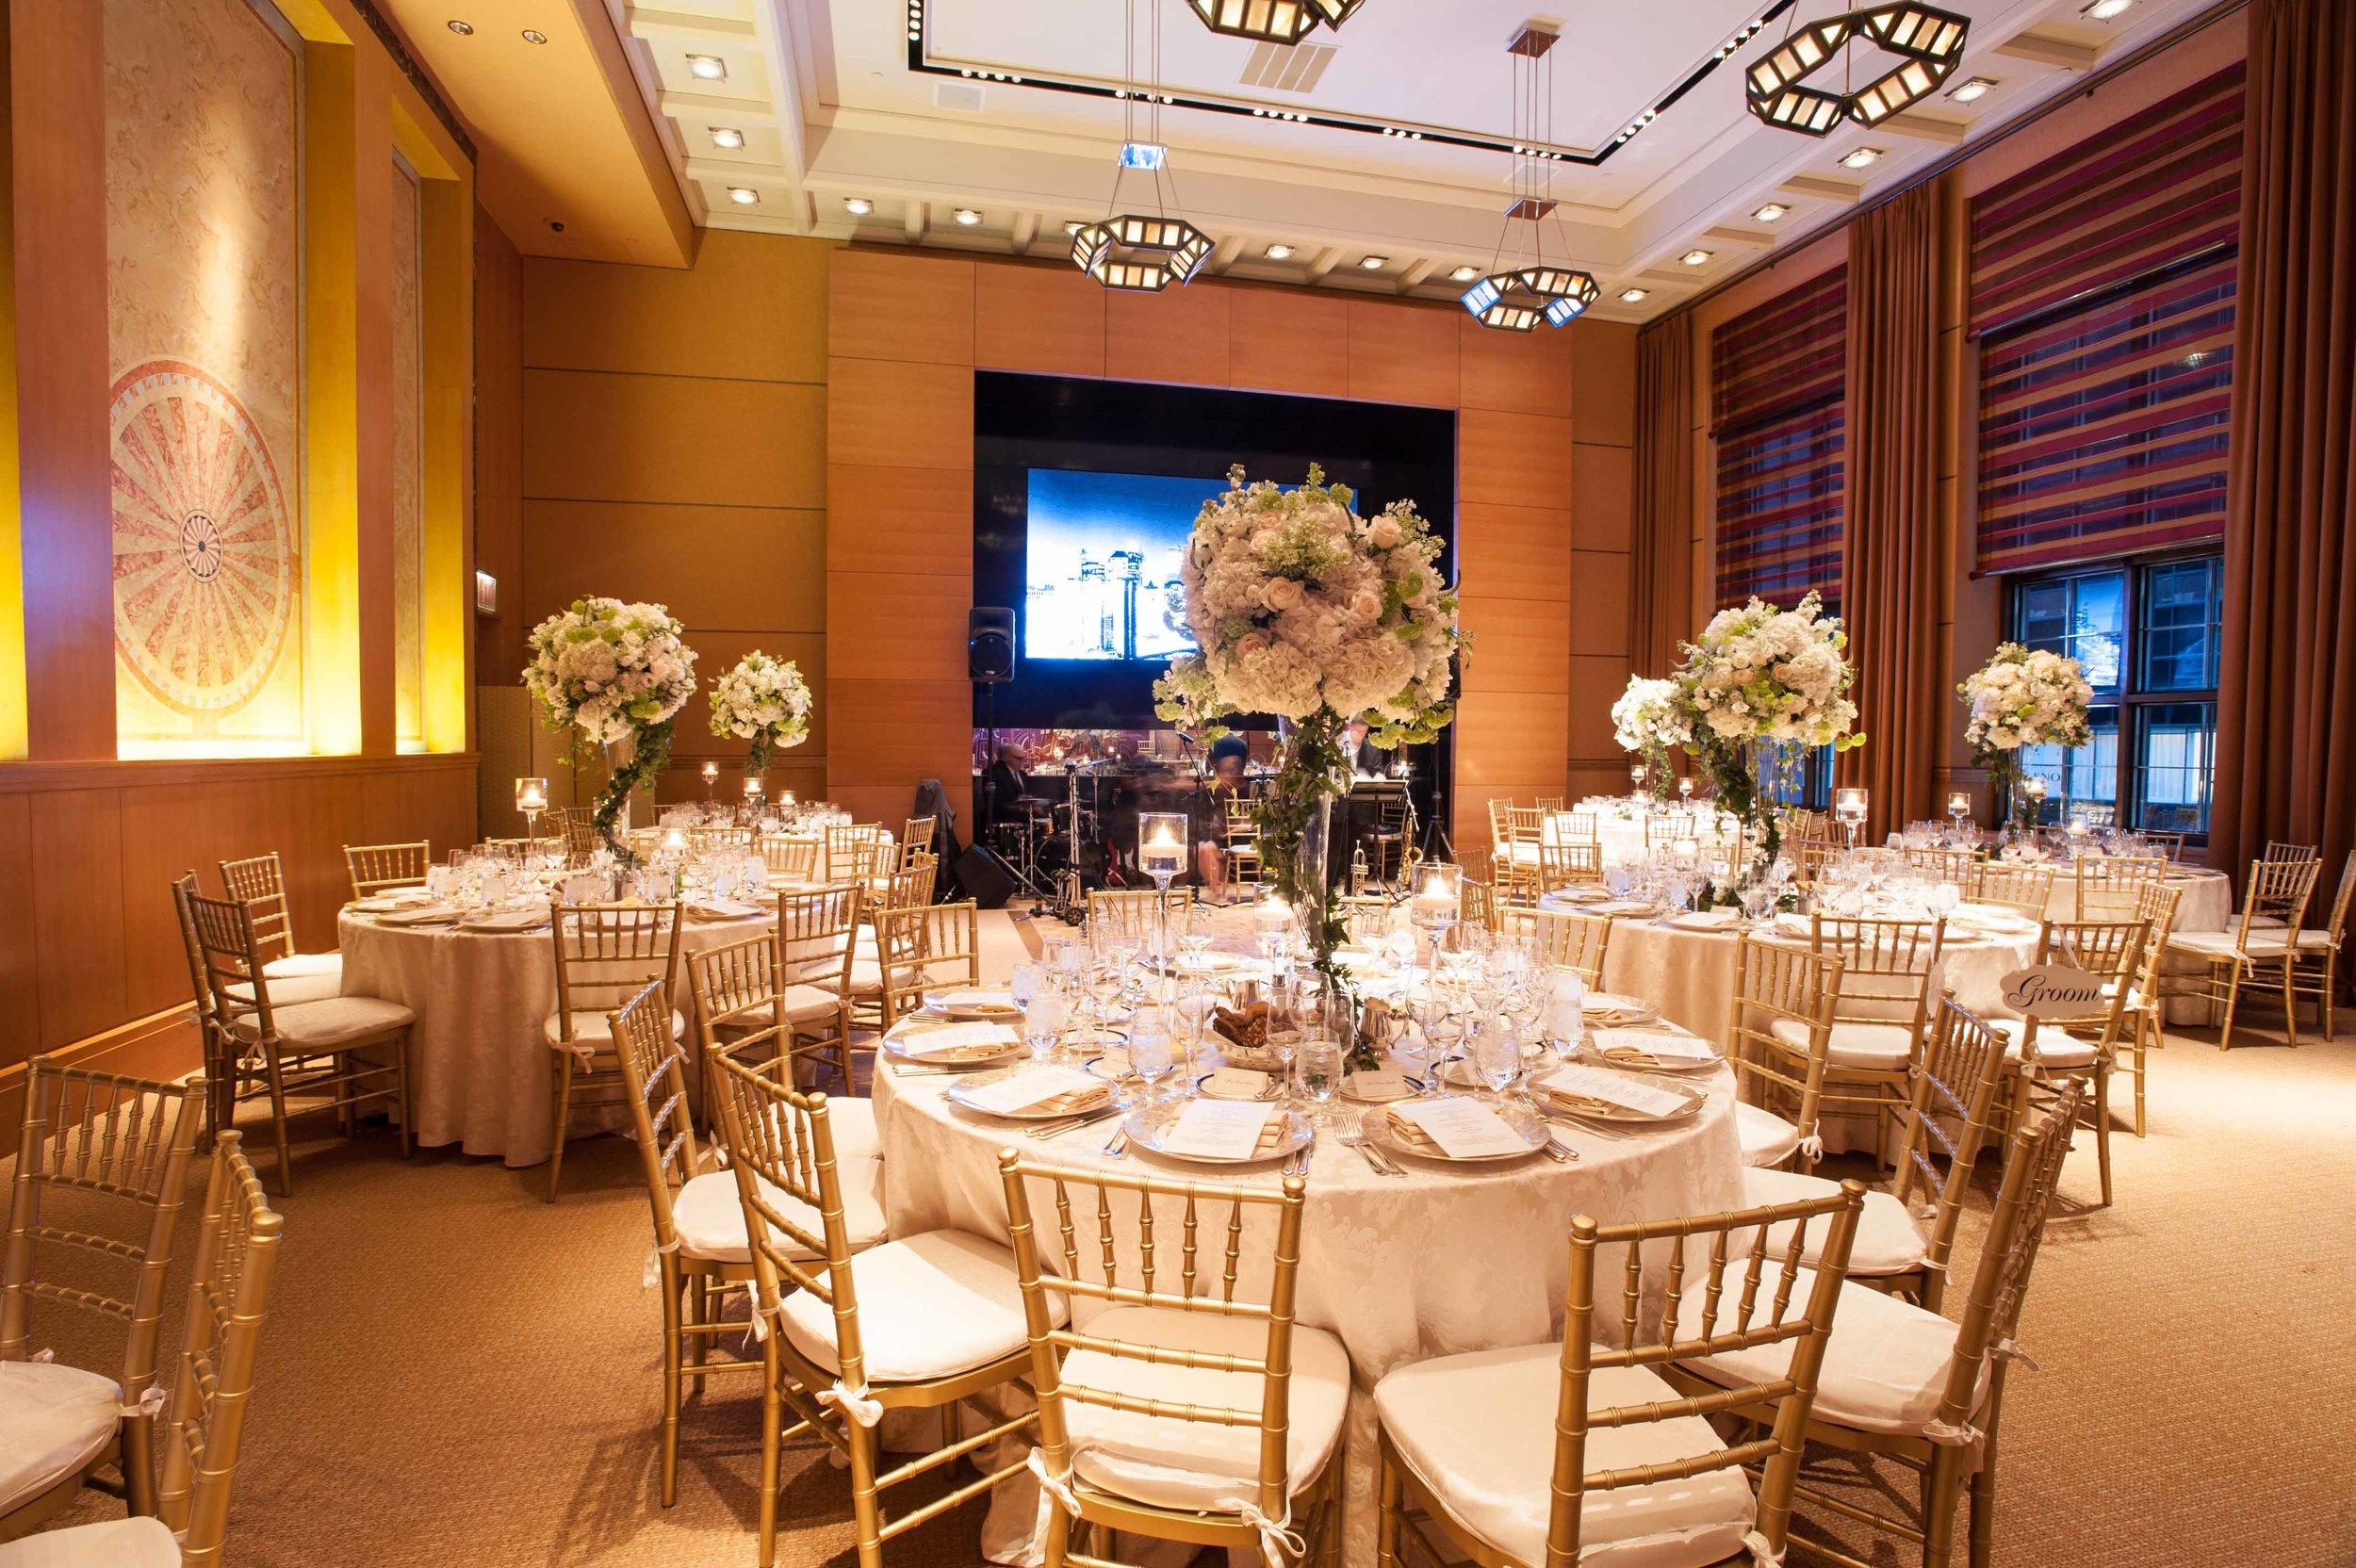 FSNY Reception Room.jpg